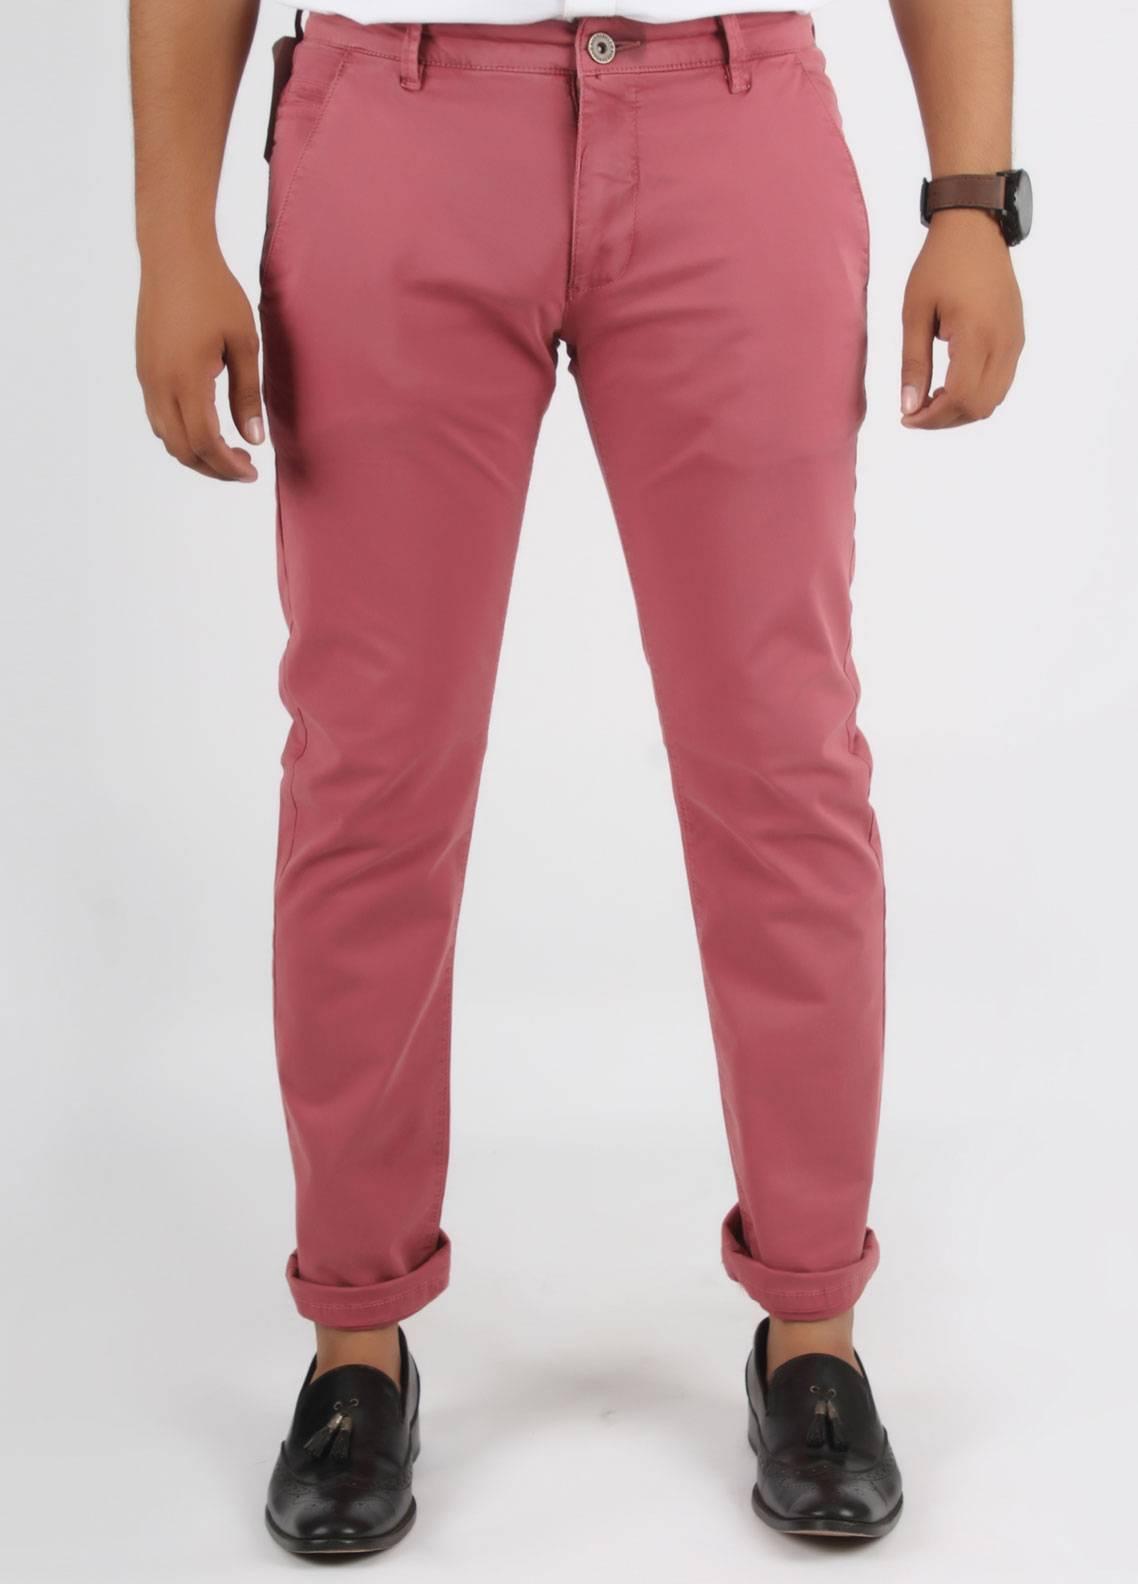 Bien Habille Cotton Casual Jeans for Men -  Tea Rose